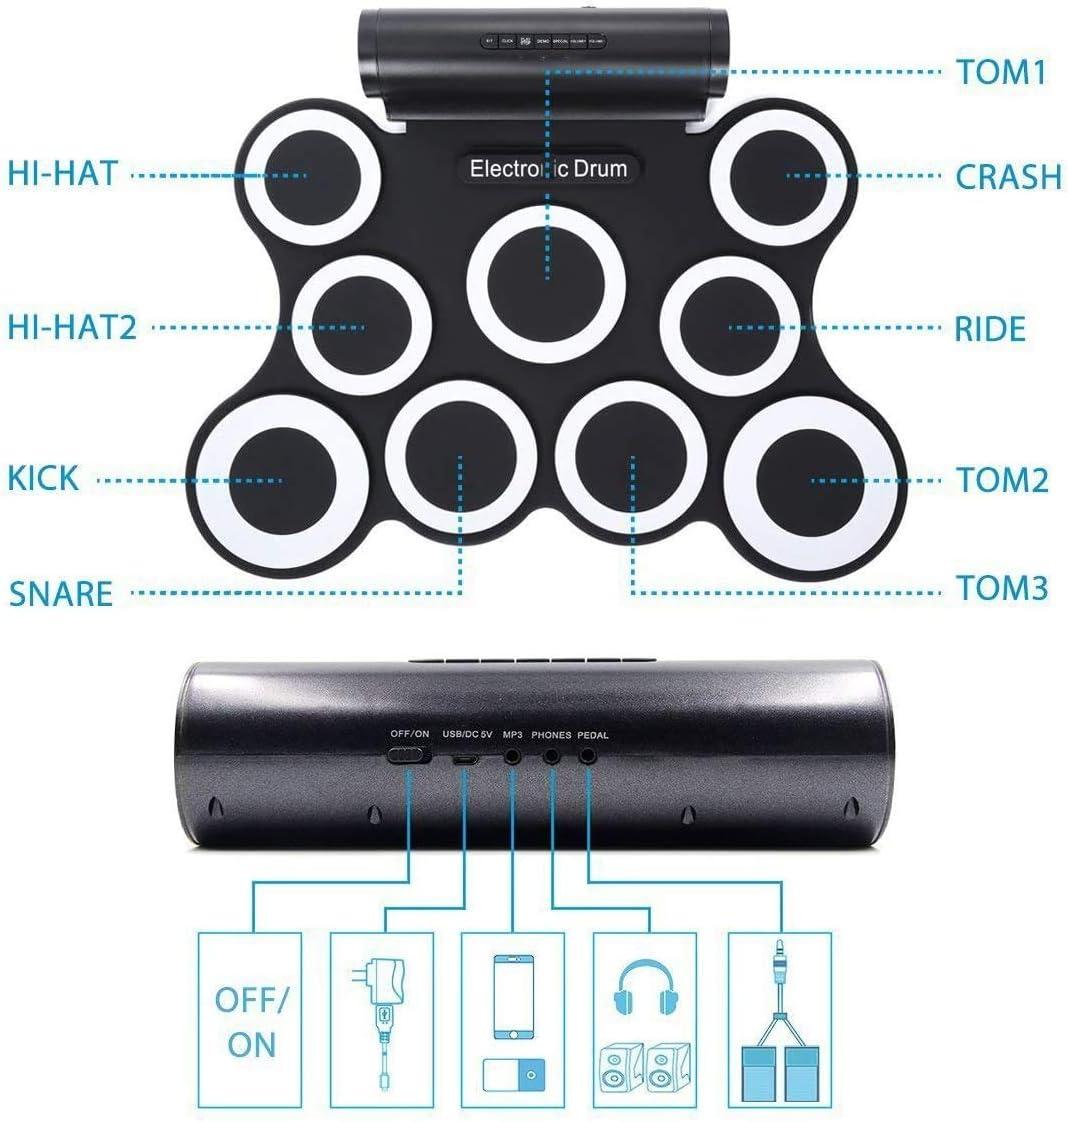 Zenghh Silicone Batteria Elettronica Kit Roll Up Drum Kit Mat, 9-Pad pieghevole strumento di pratica, altoparlante integrato e la batteria, Bacchette, Pedali, regalo Crescita figli adulti for il tempo Bianca